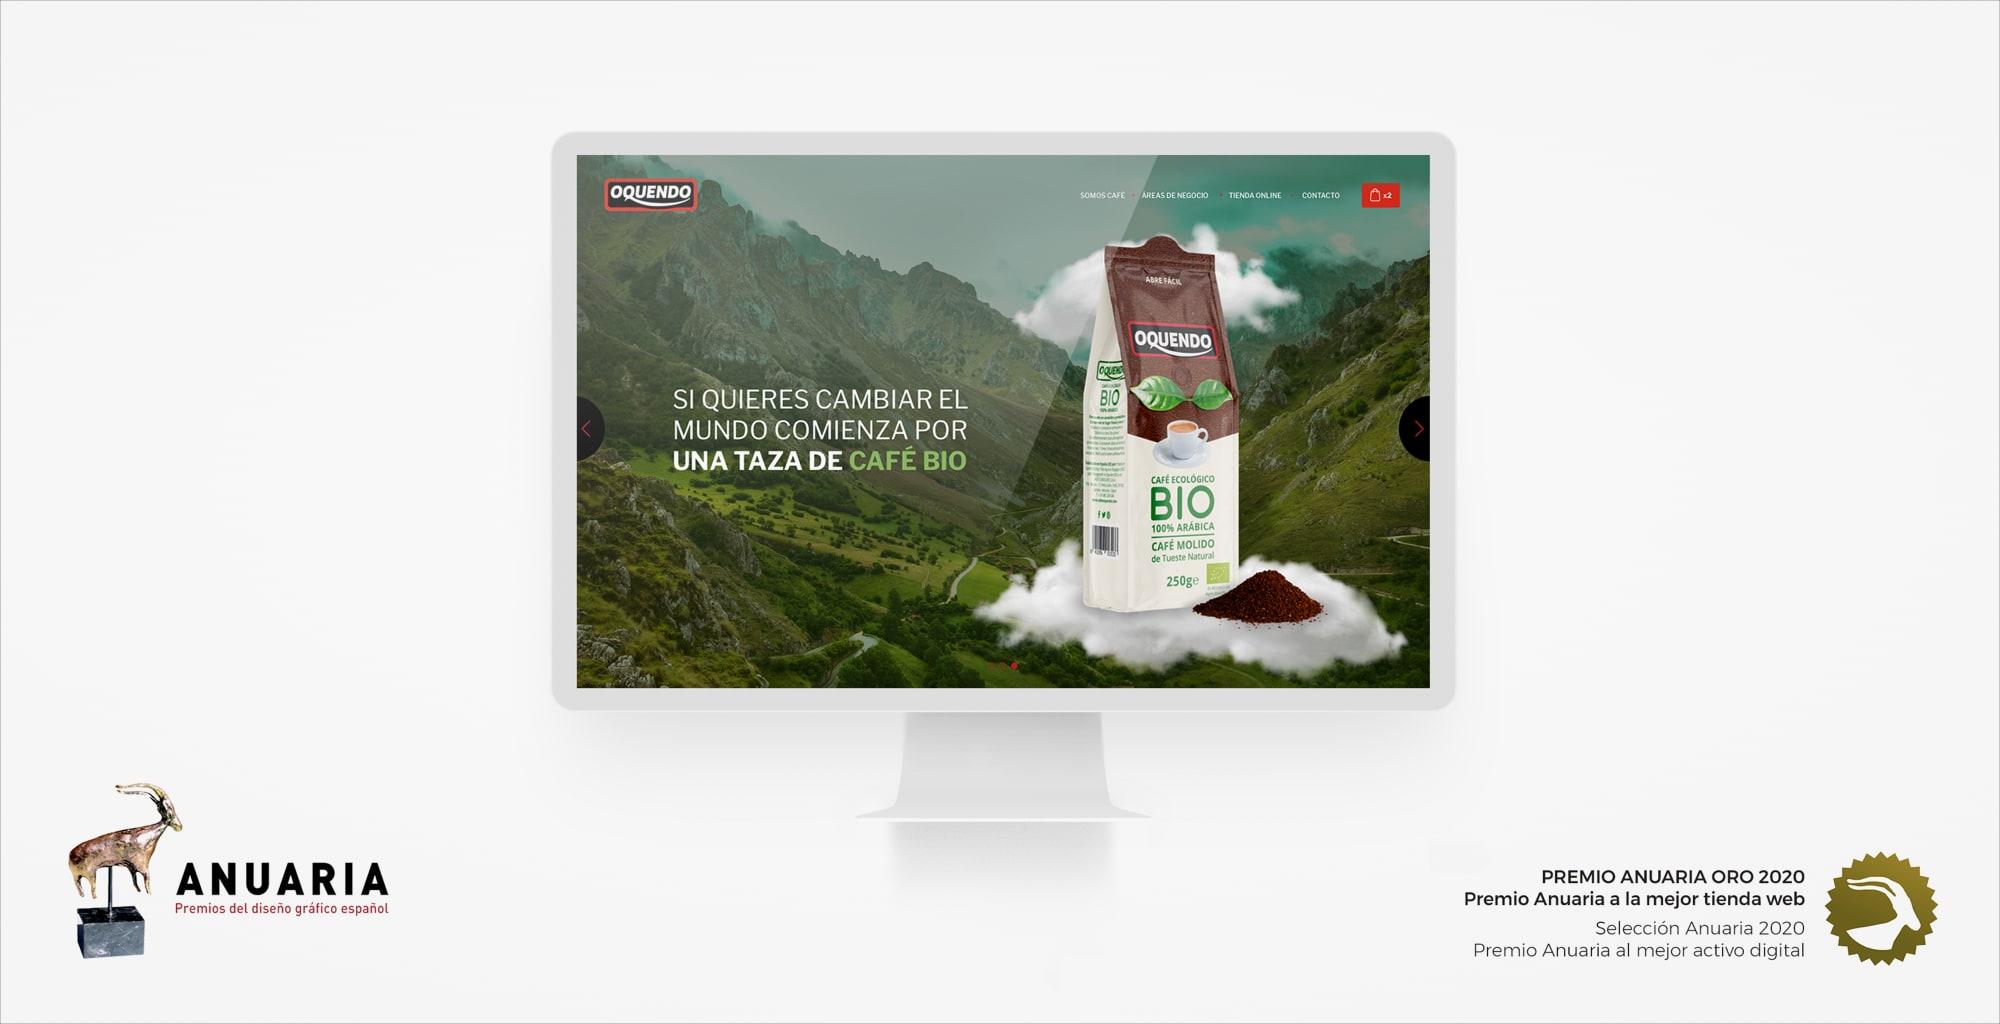 Proun gana el Premio Anuaria Oro a la mejor tienda web